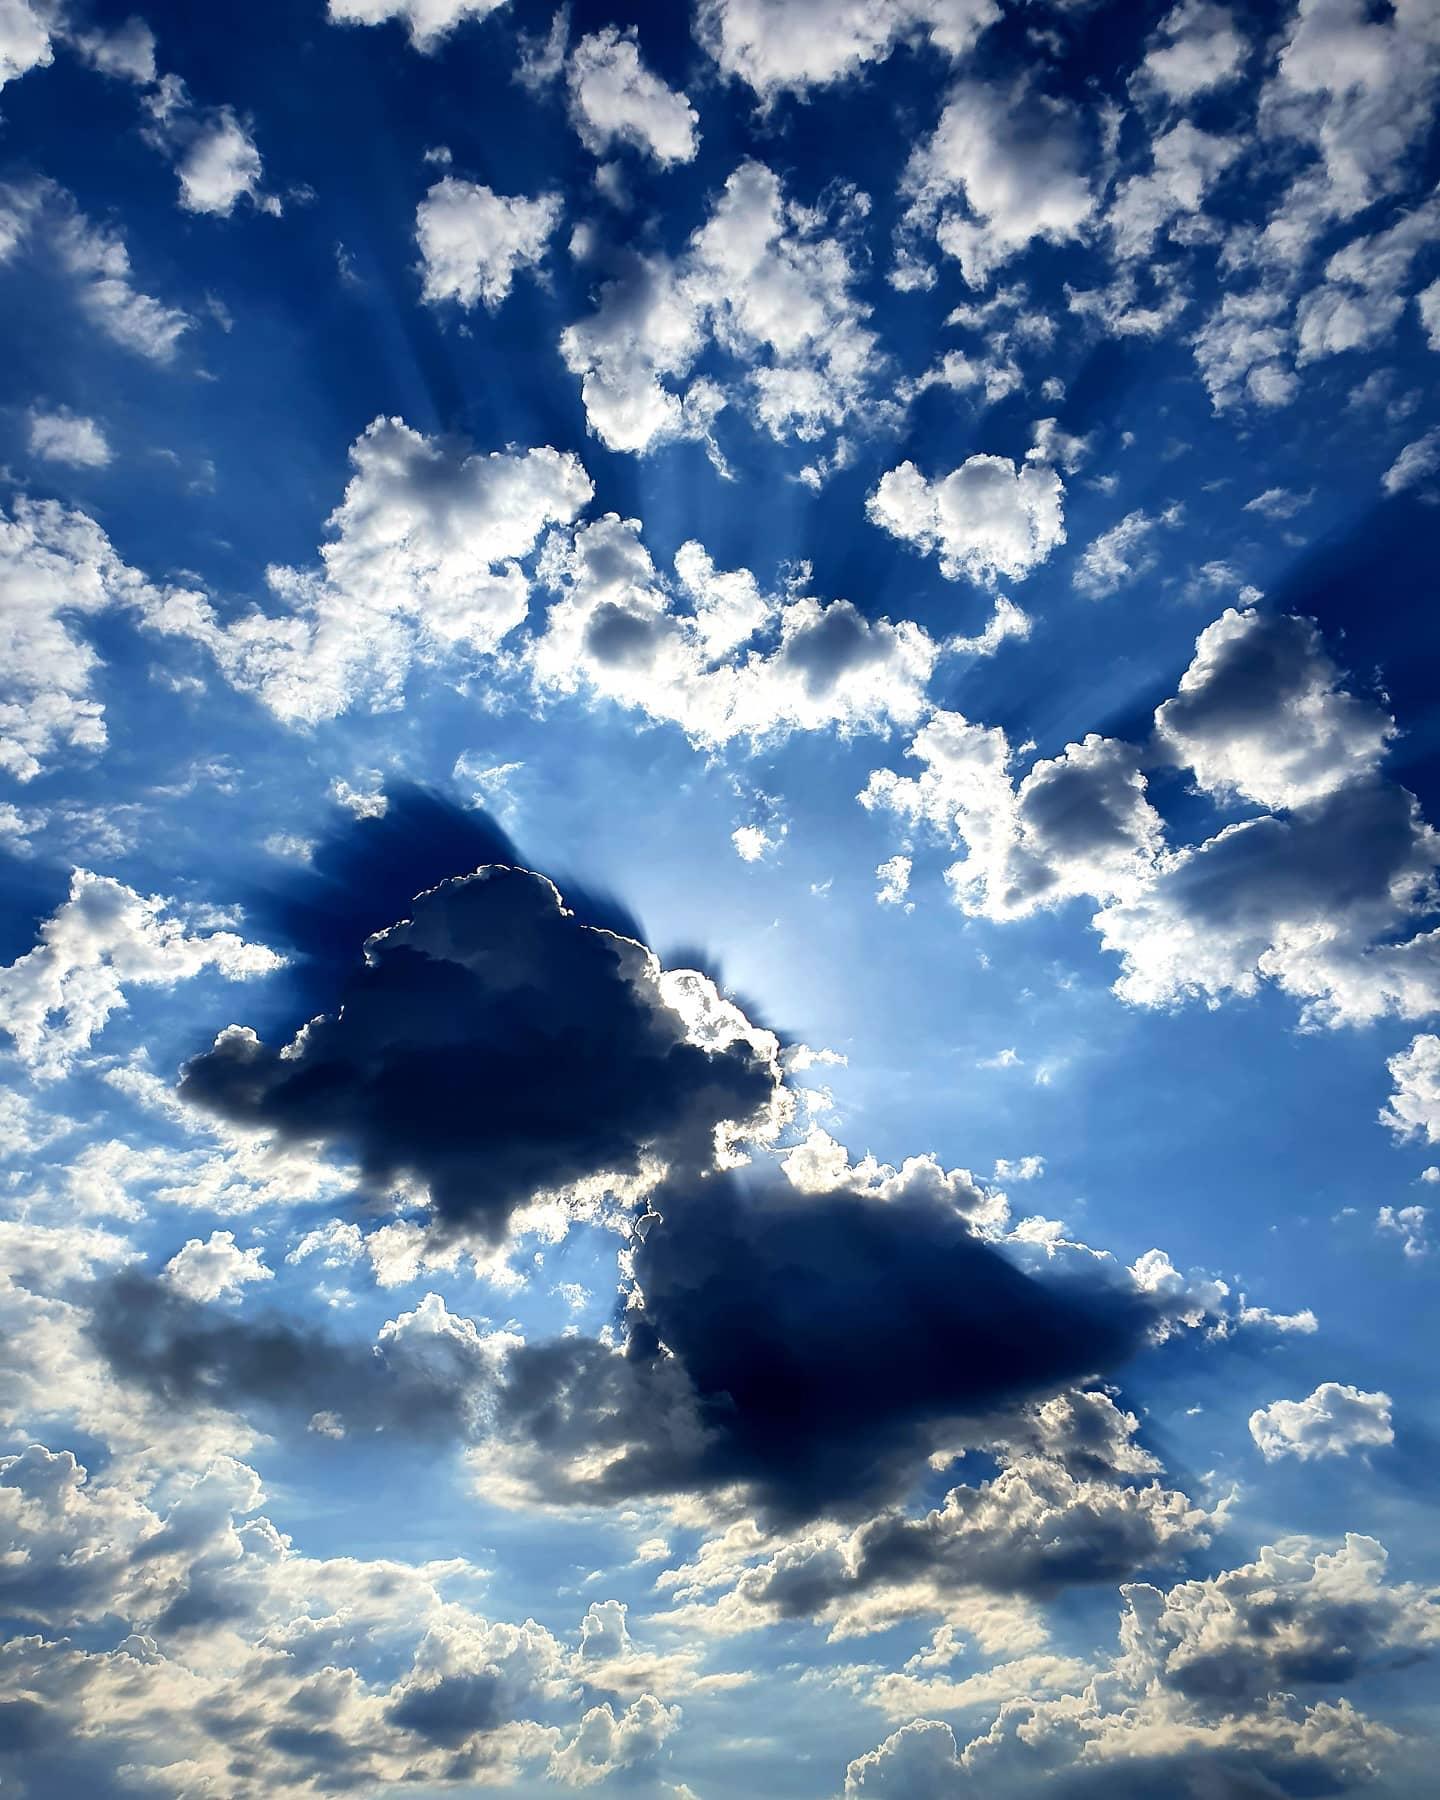 j.wilber.mancilla   Entre las nubes